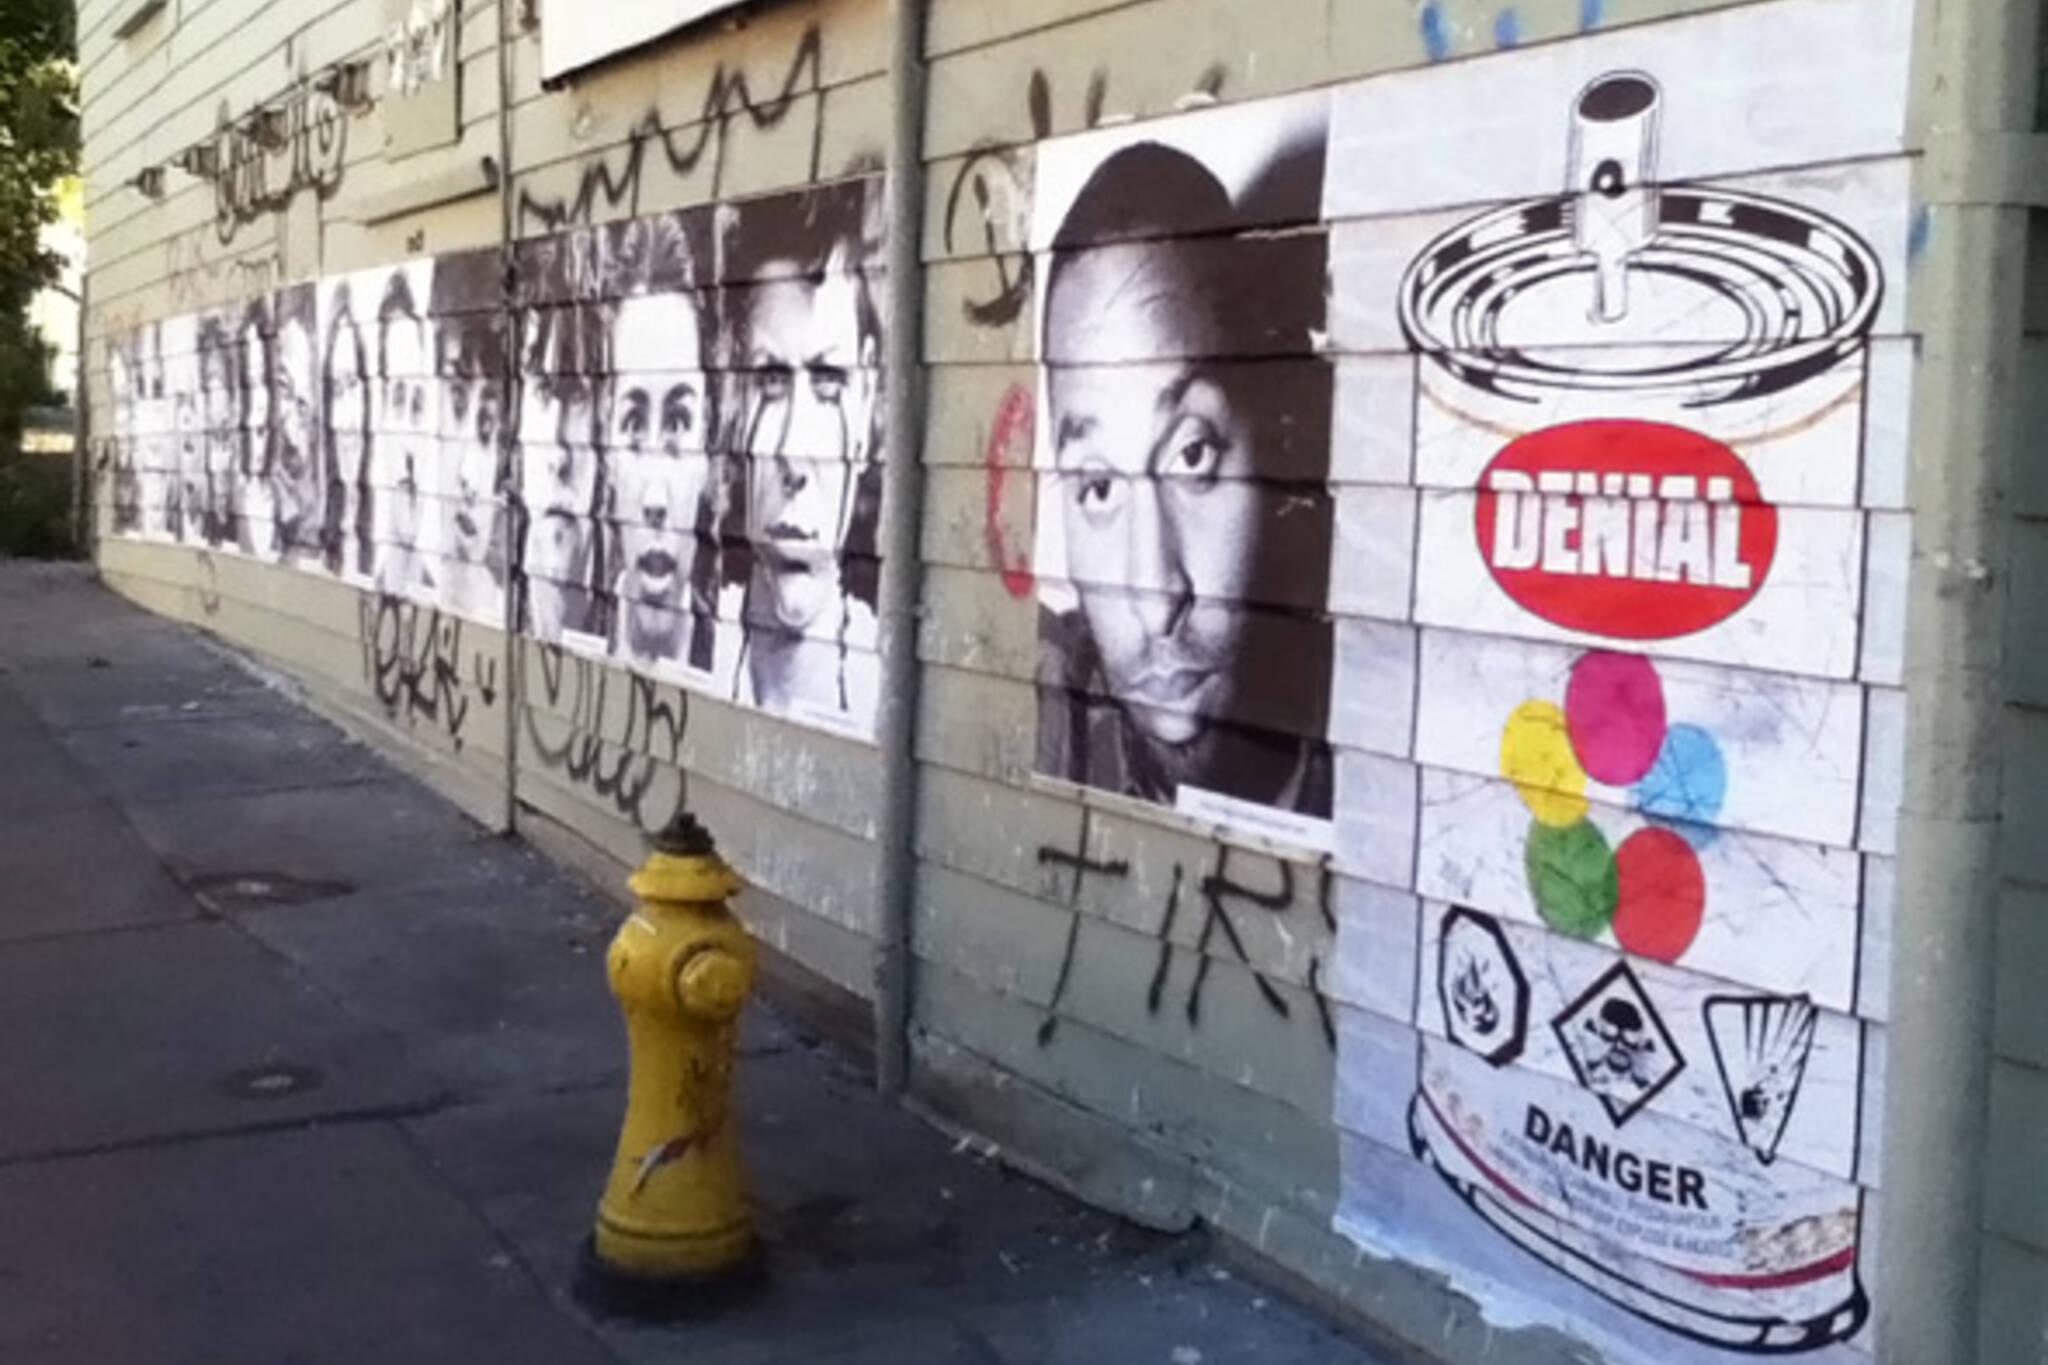 Denial Graffiti